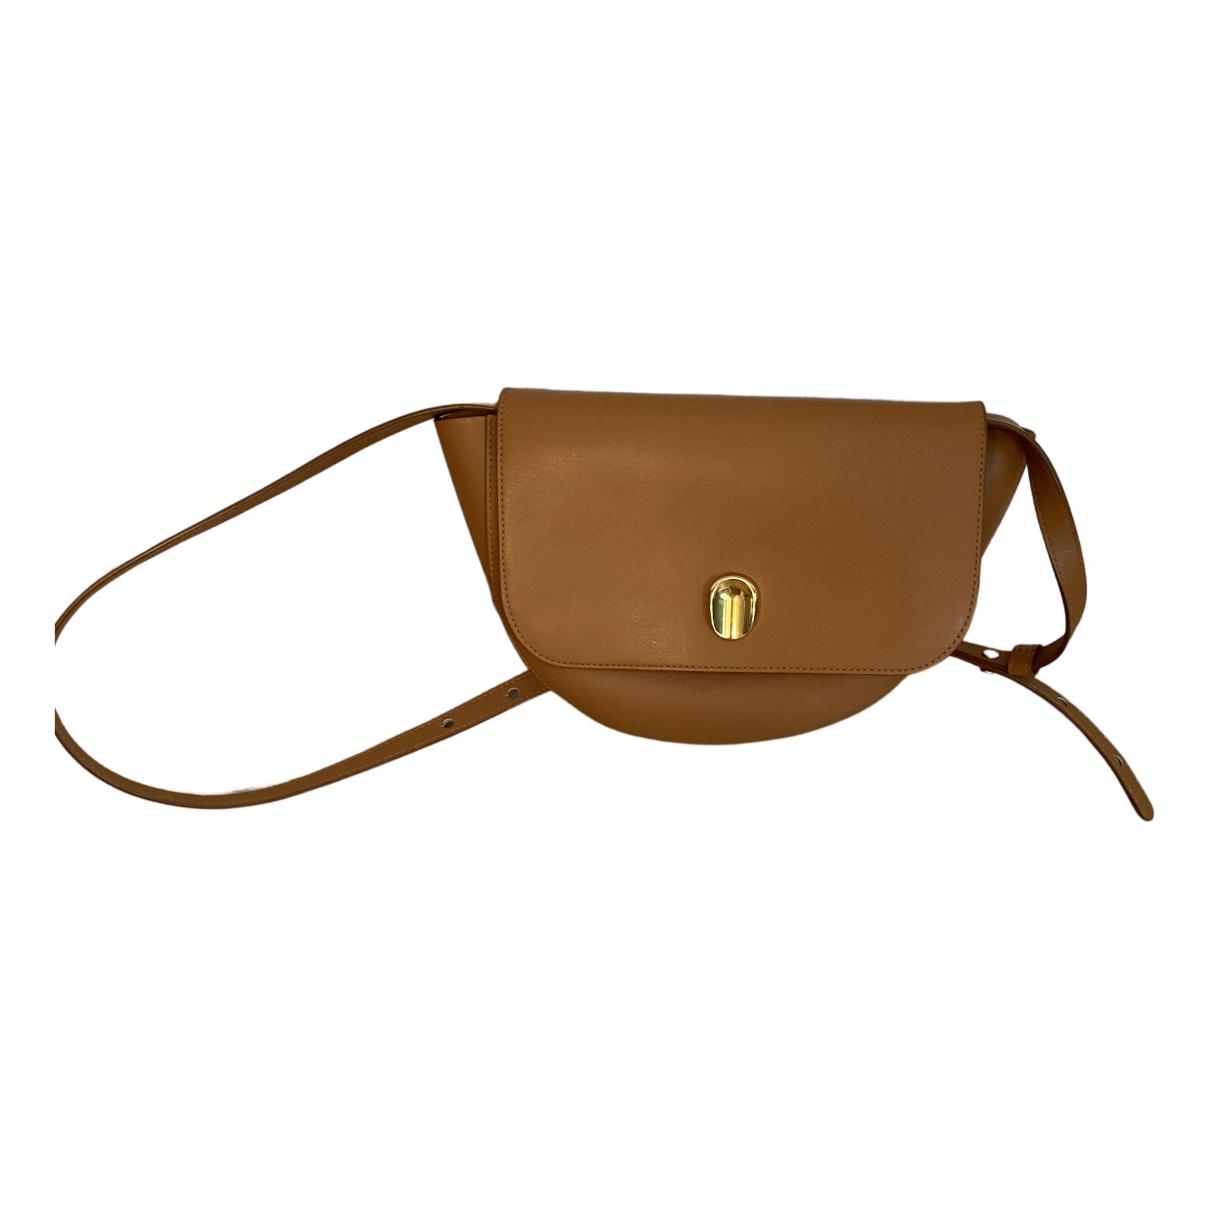 Wandler \N Brown Leather handbag for Women \N